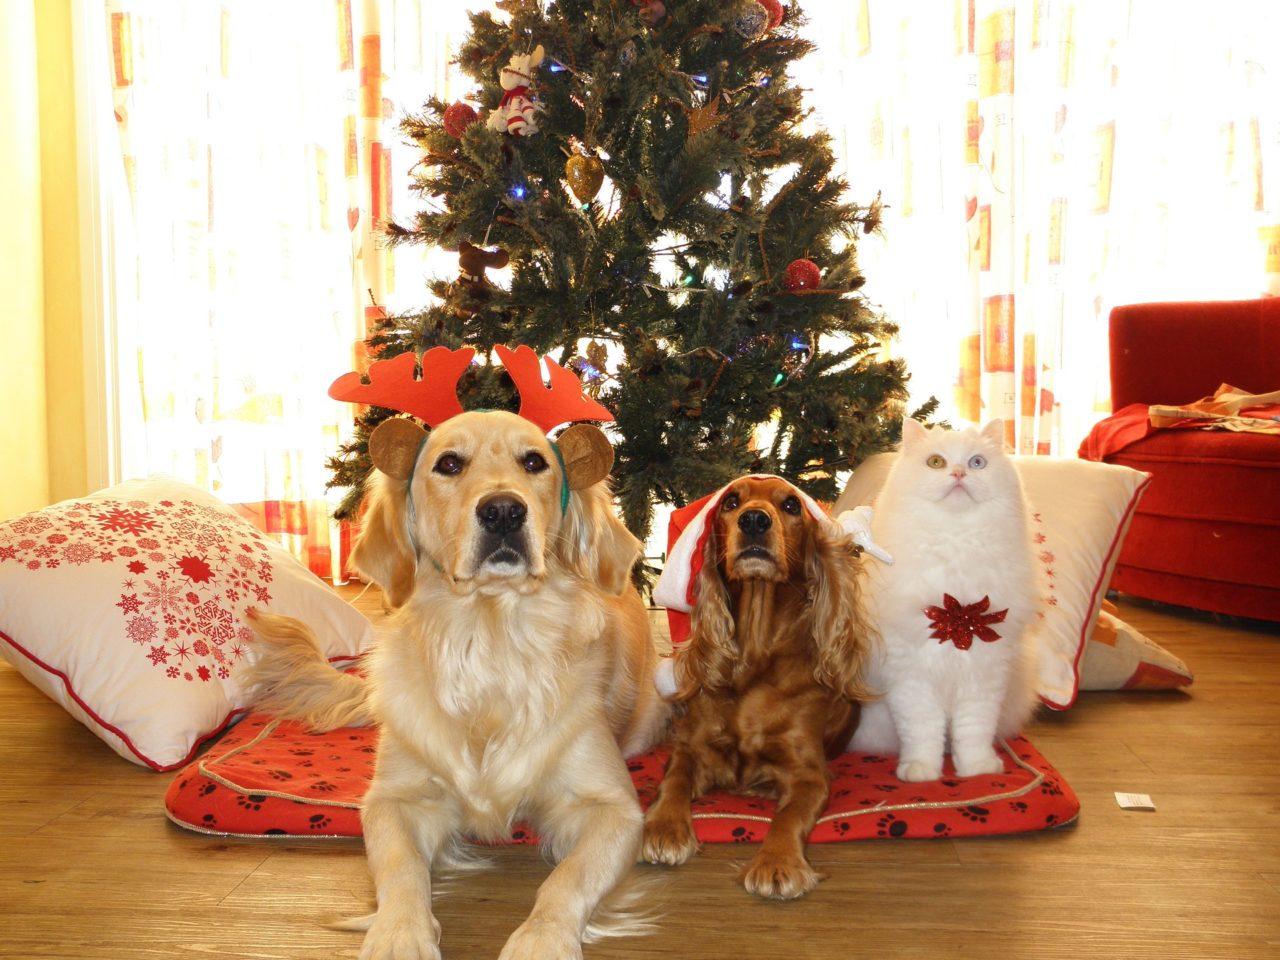 Immagini Animali Natale.Natale E Animali Idee Regalo Animali Pucciosi